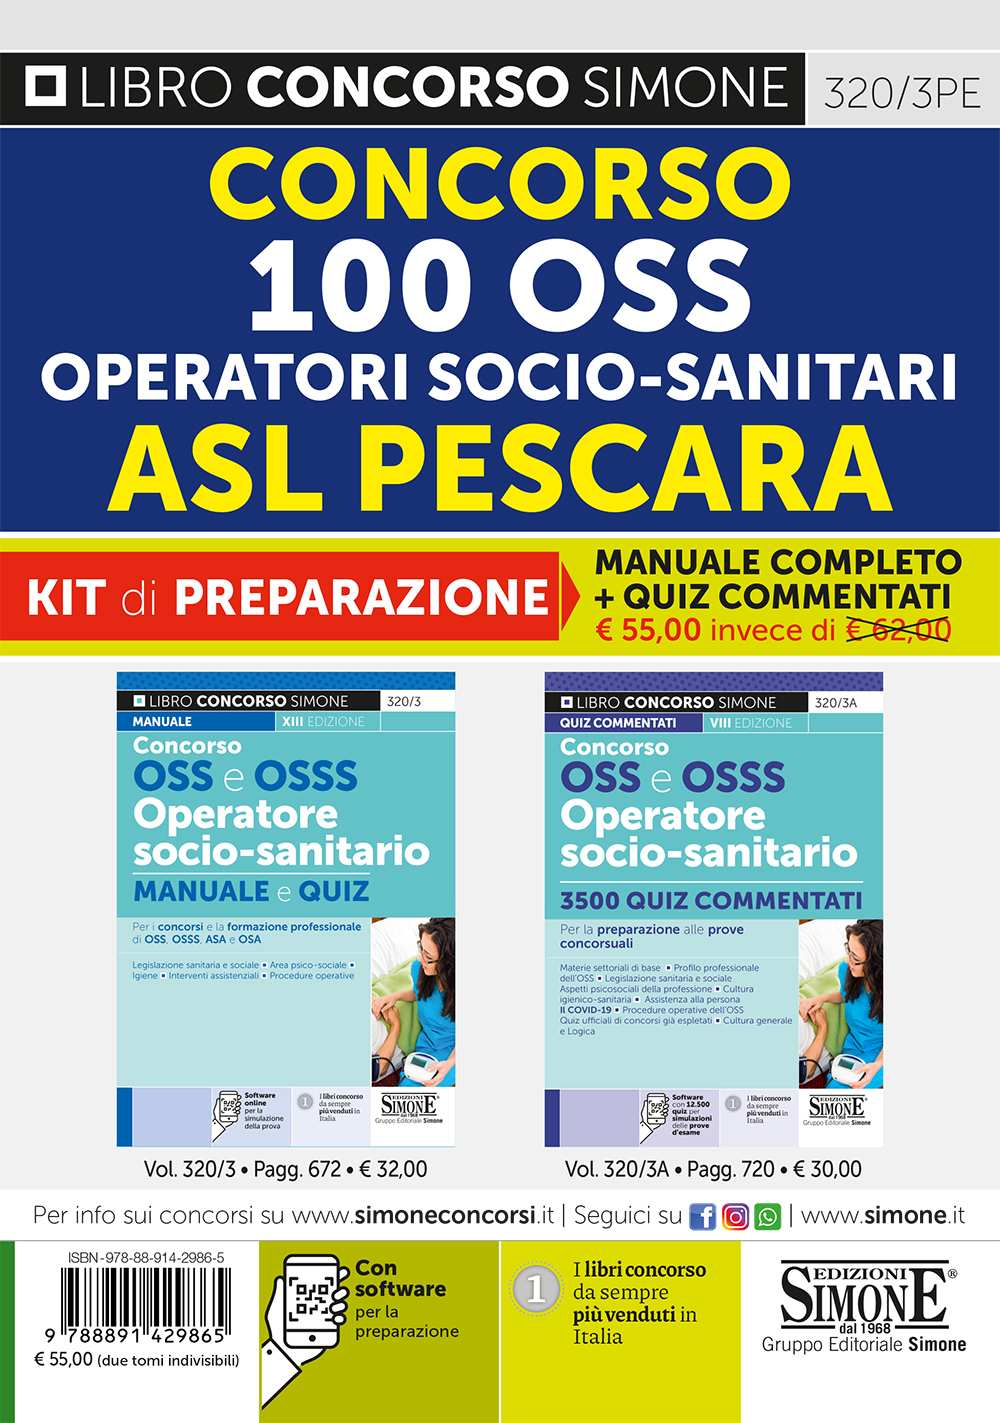 Concorso 100 OSS ASL Pescara